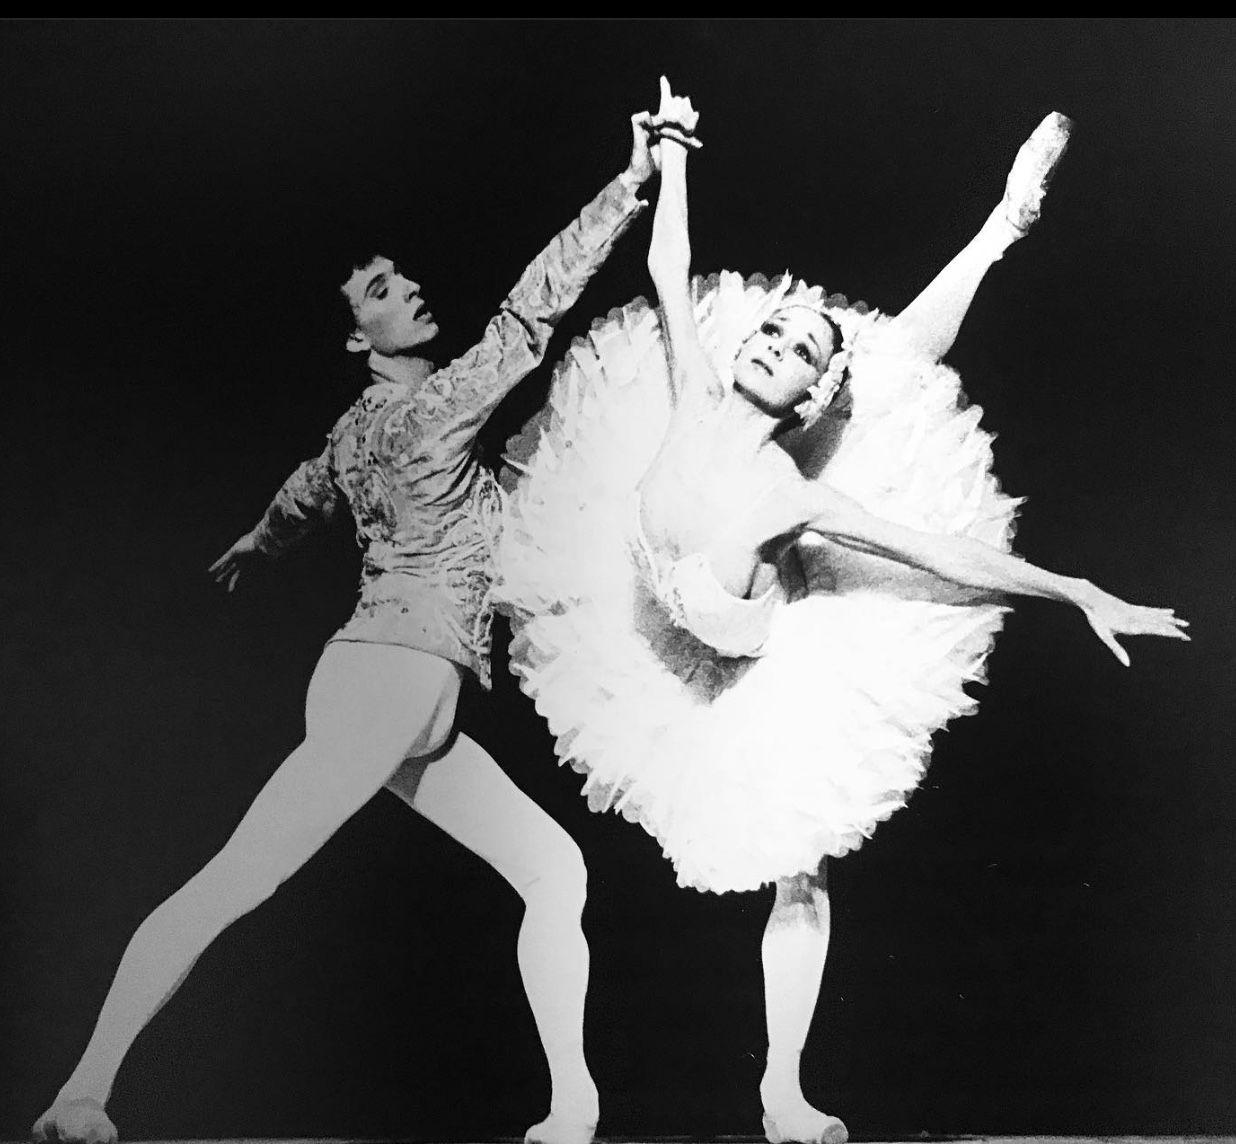 Isabelle Guerin And Laurent Hilaire In Le Lac Des Cygnes Paris Opera Ballet In 2020 Ballet Dance Photography Paris Opera Ballet Partner Dance